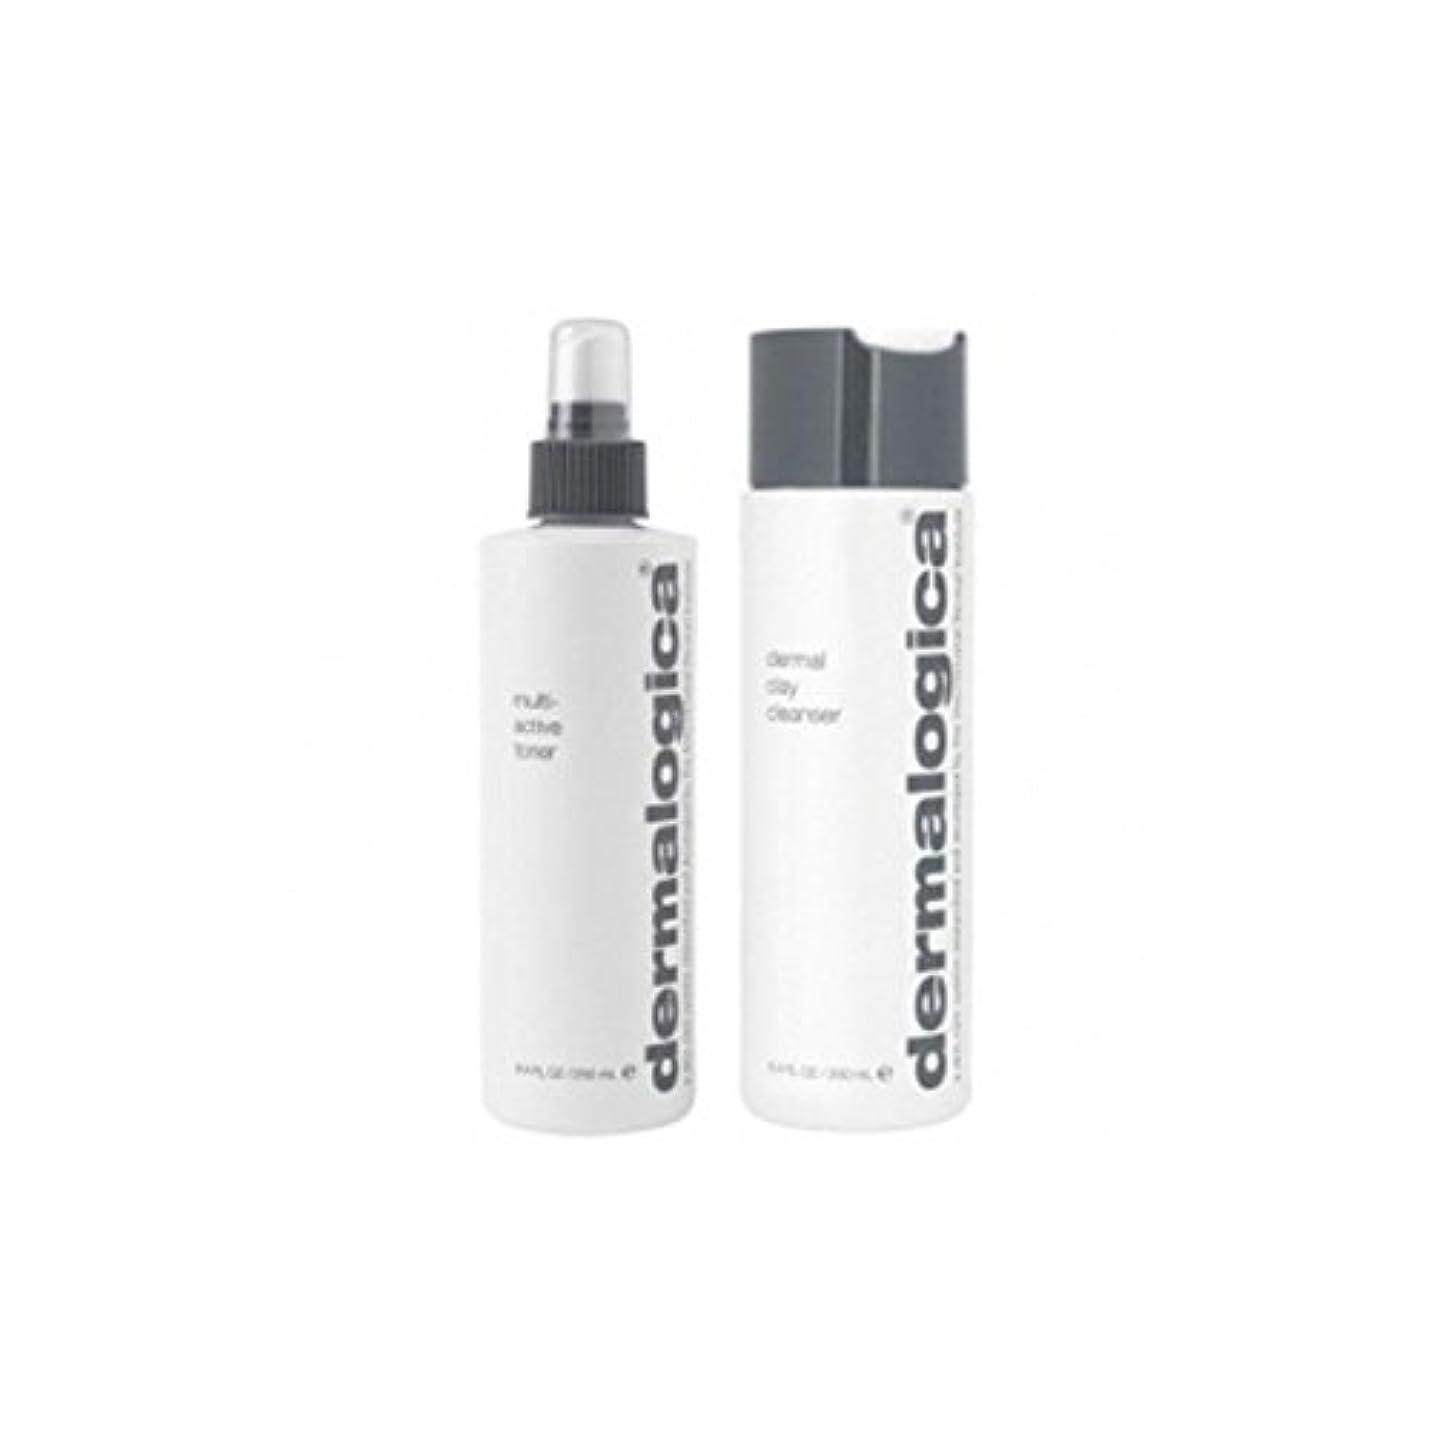 いくつかのコンセンサスぎこちないダーマロジカクレンジング&トーンデュオ - 脂性肌(2製品) x2 - Dermalogica Cleanse & Tone Duo - Oily Skin (2 Products) (Pack of 2) [並行輸入品]